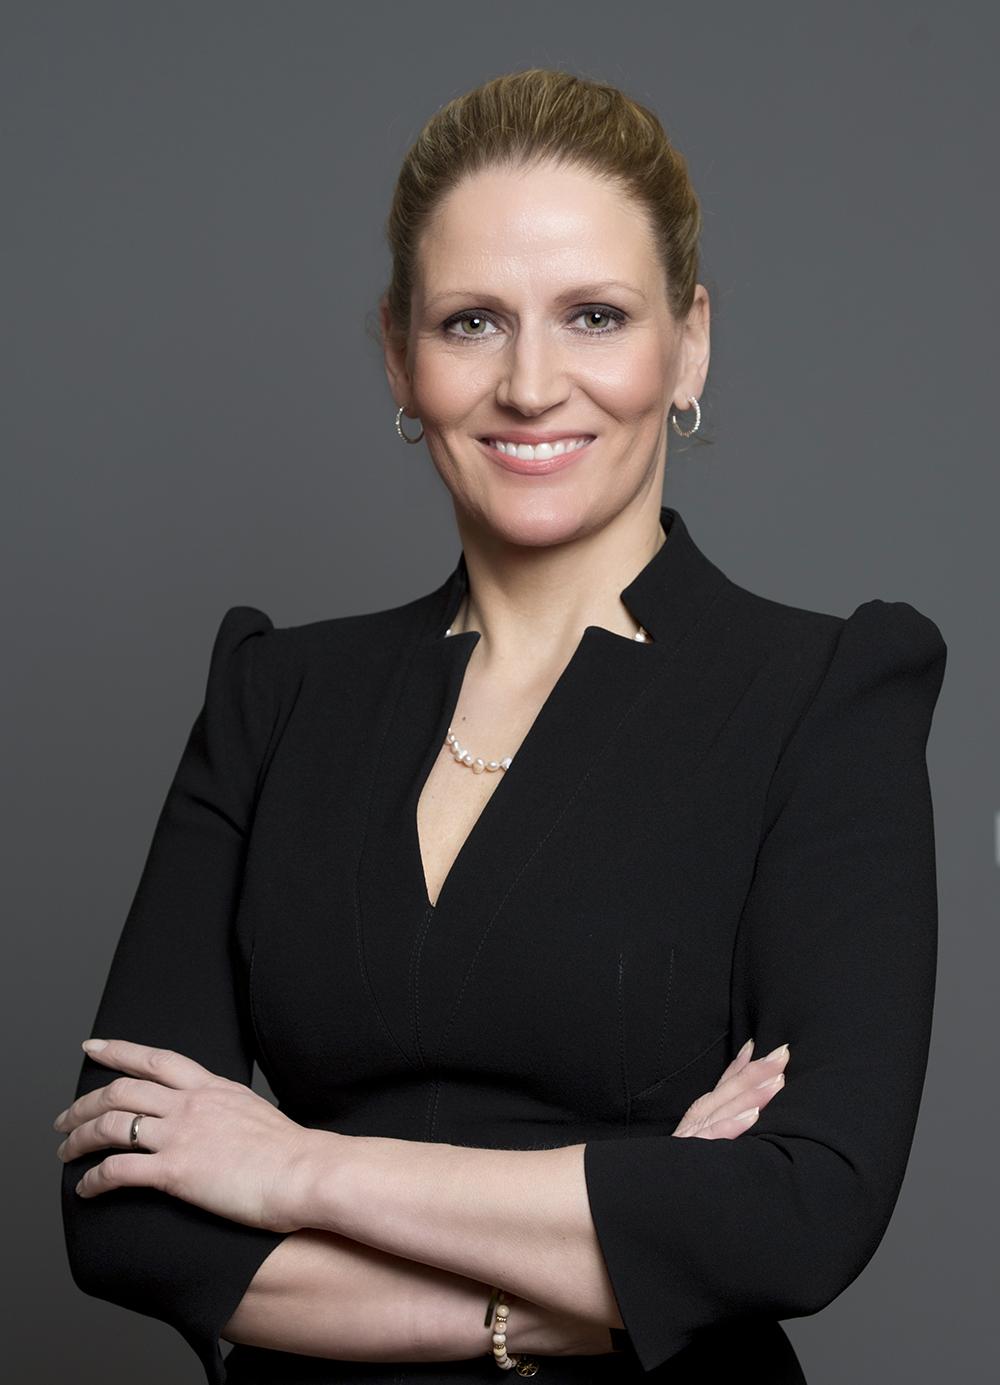 Áslaug Gunnlaugsdóttir